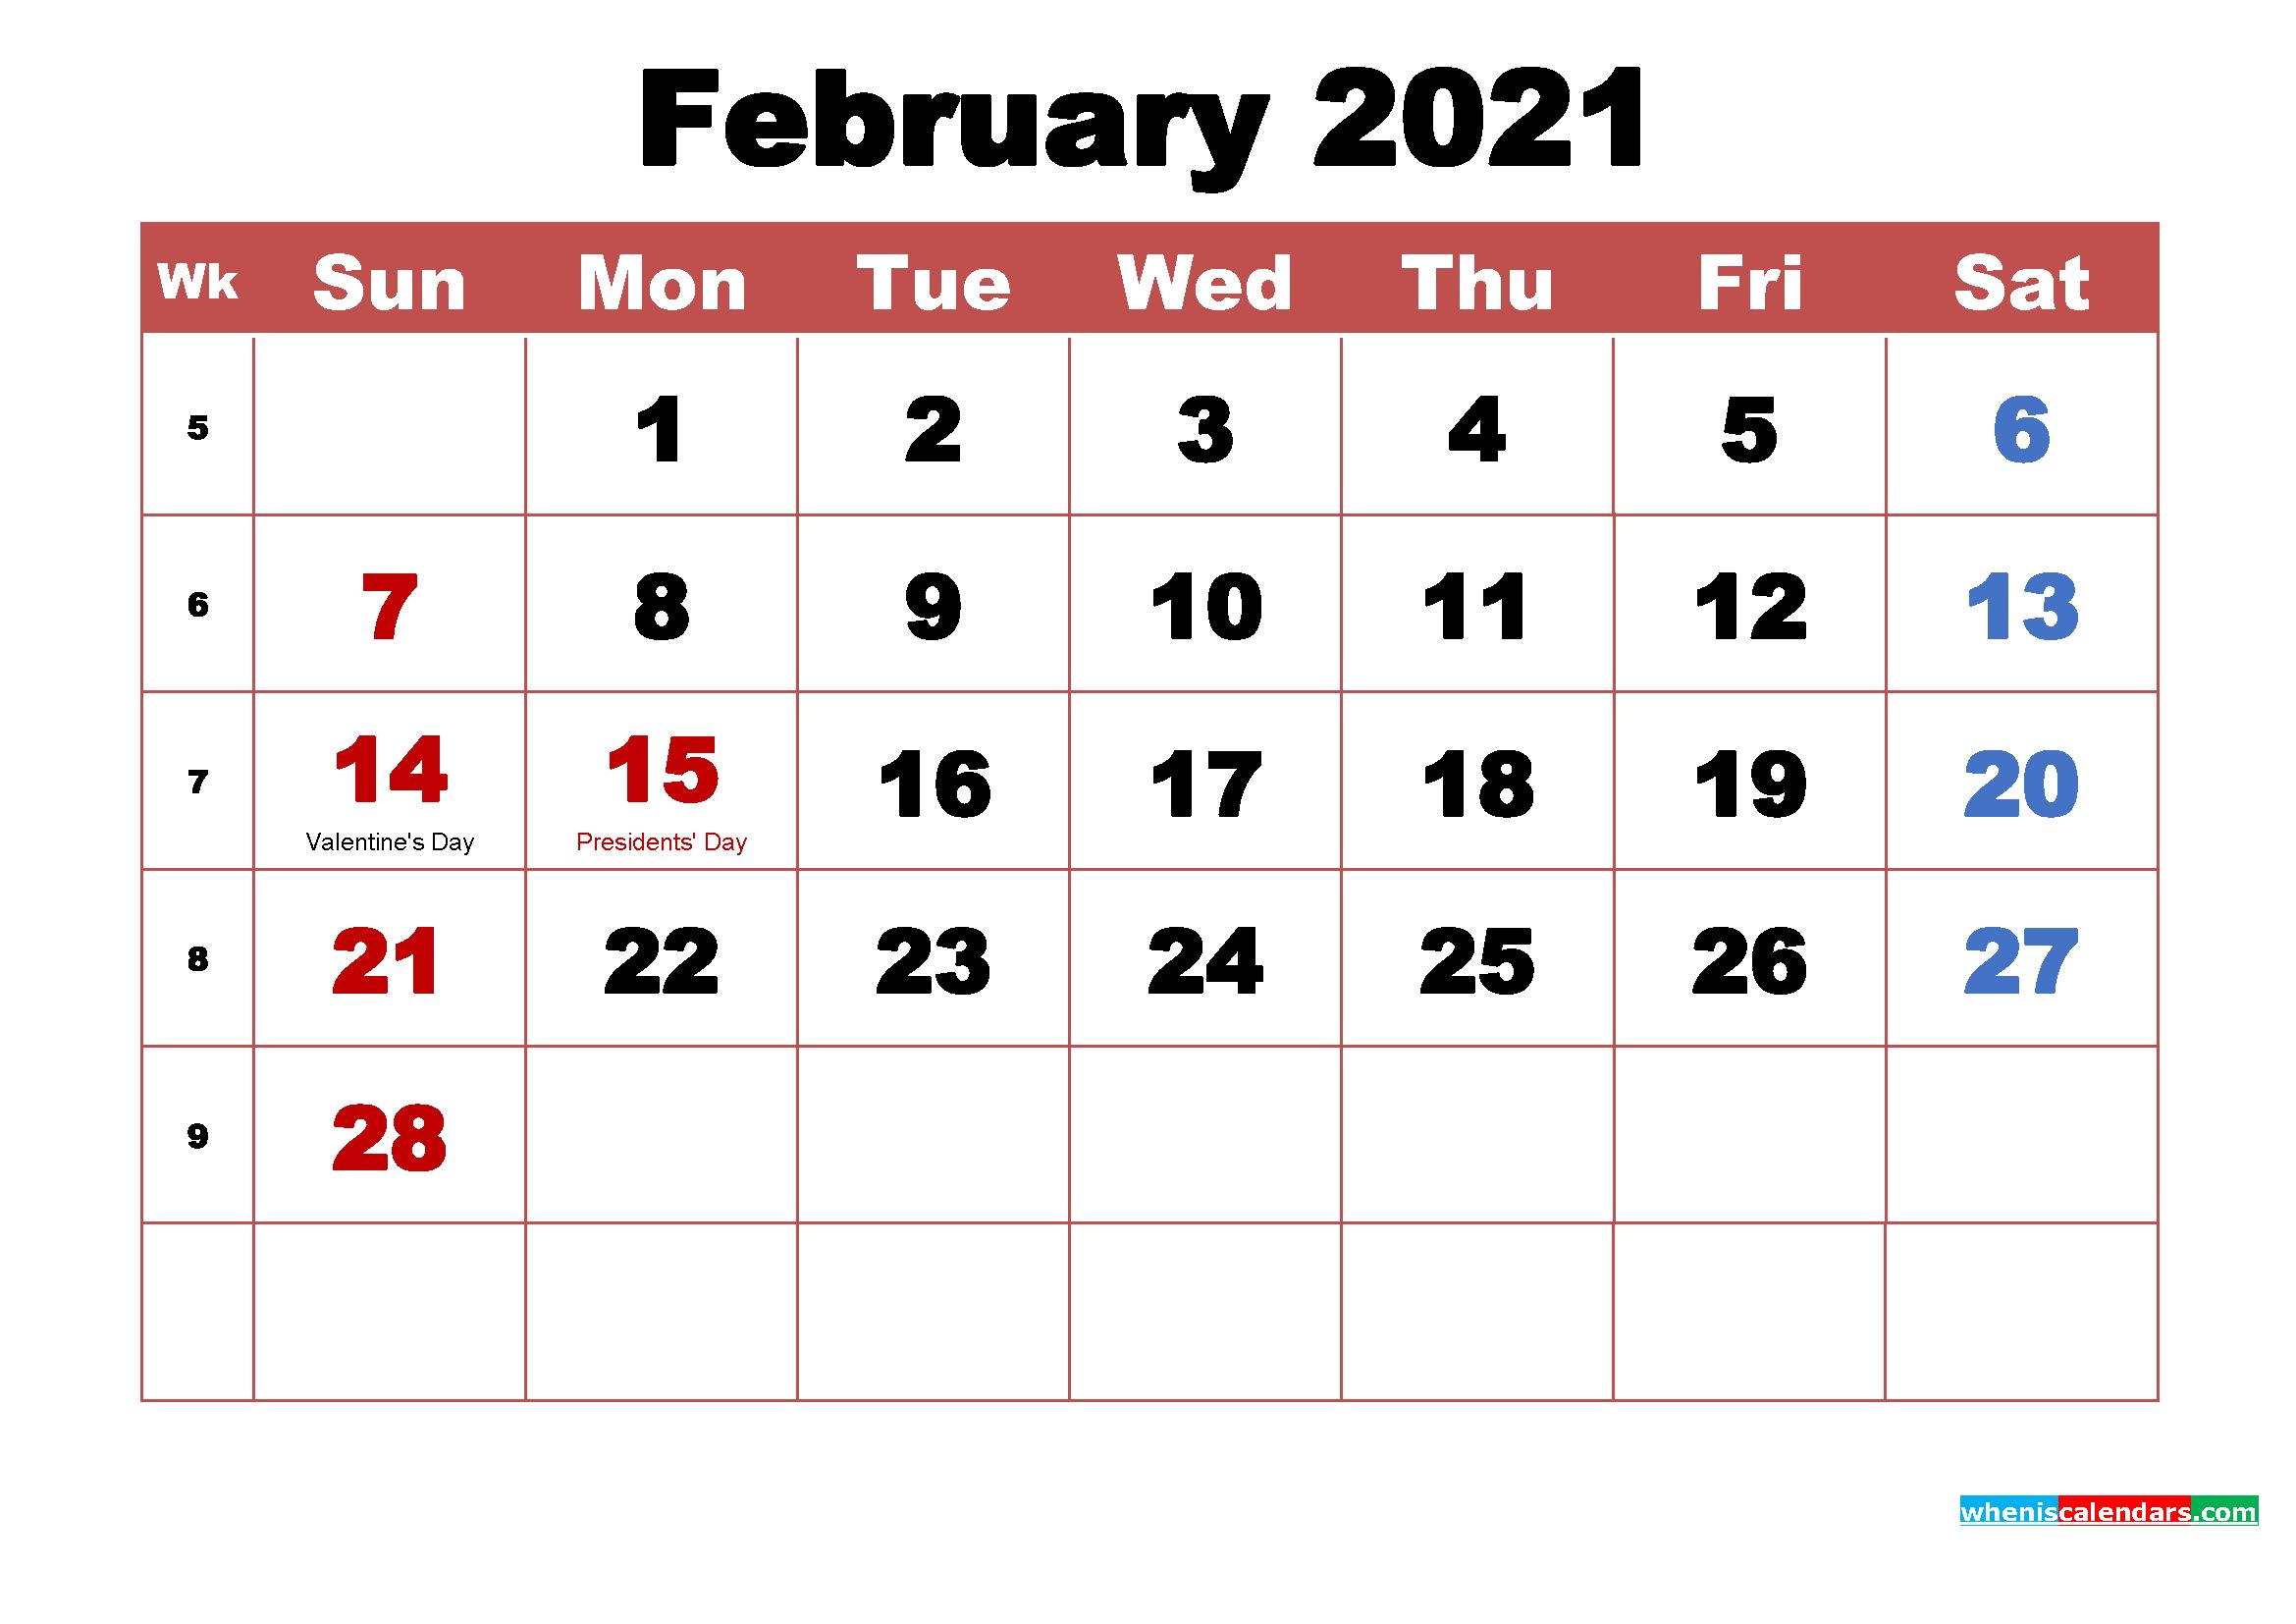 February 2021 Calendar Wallpaper High Resolution